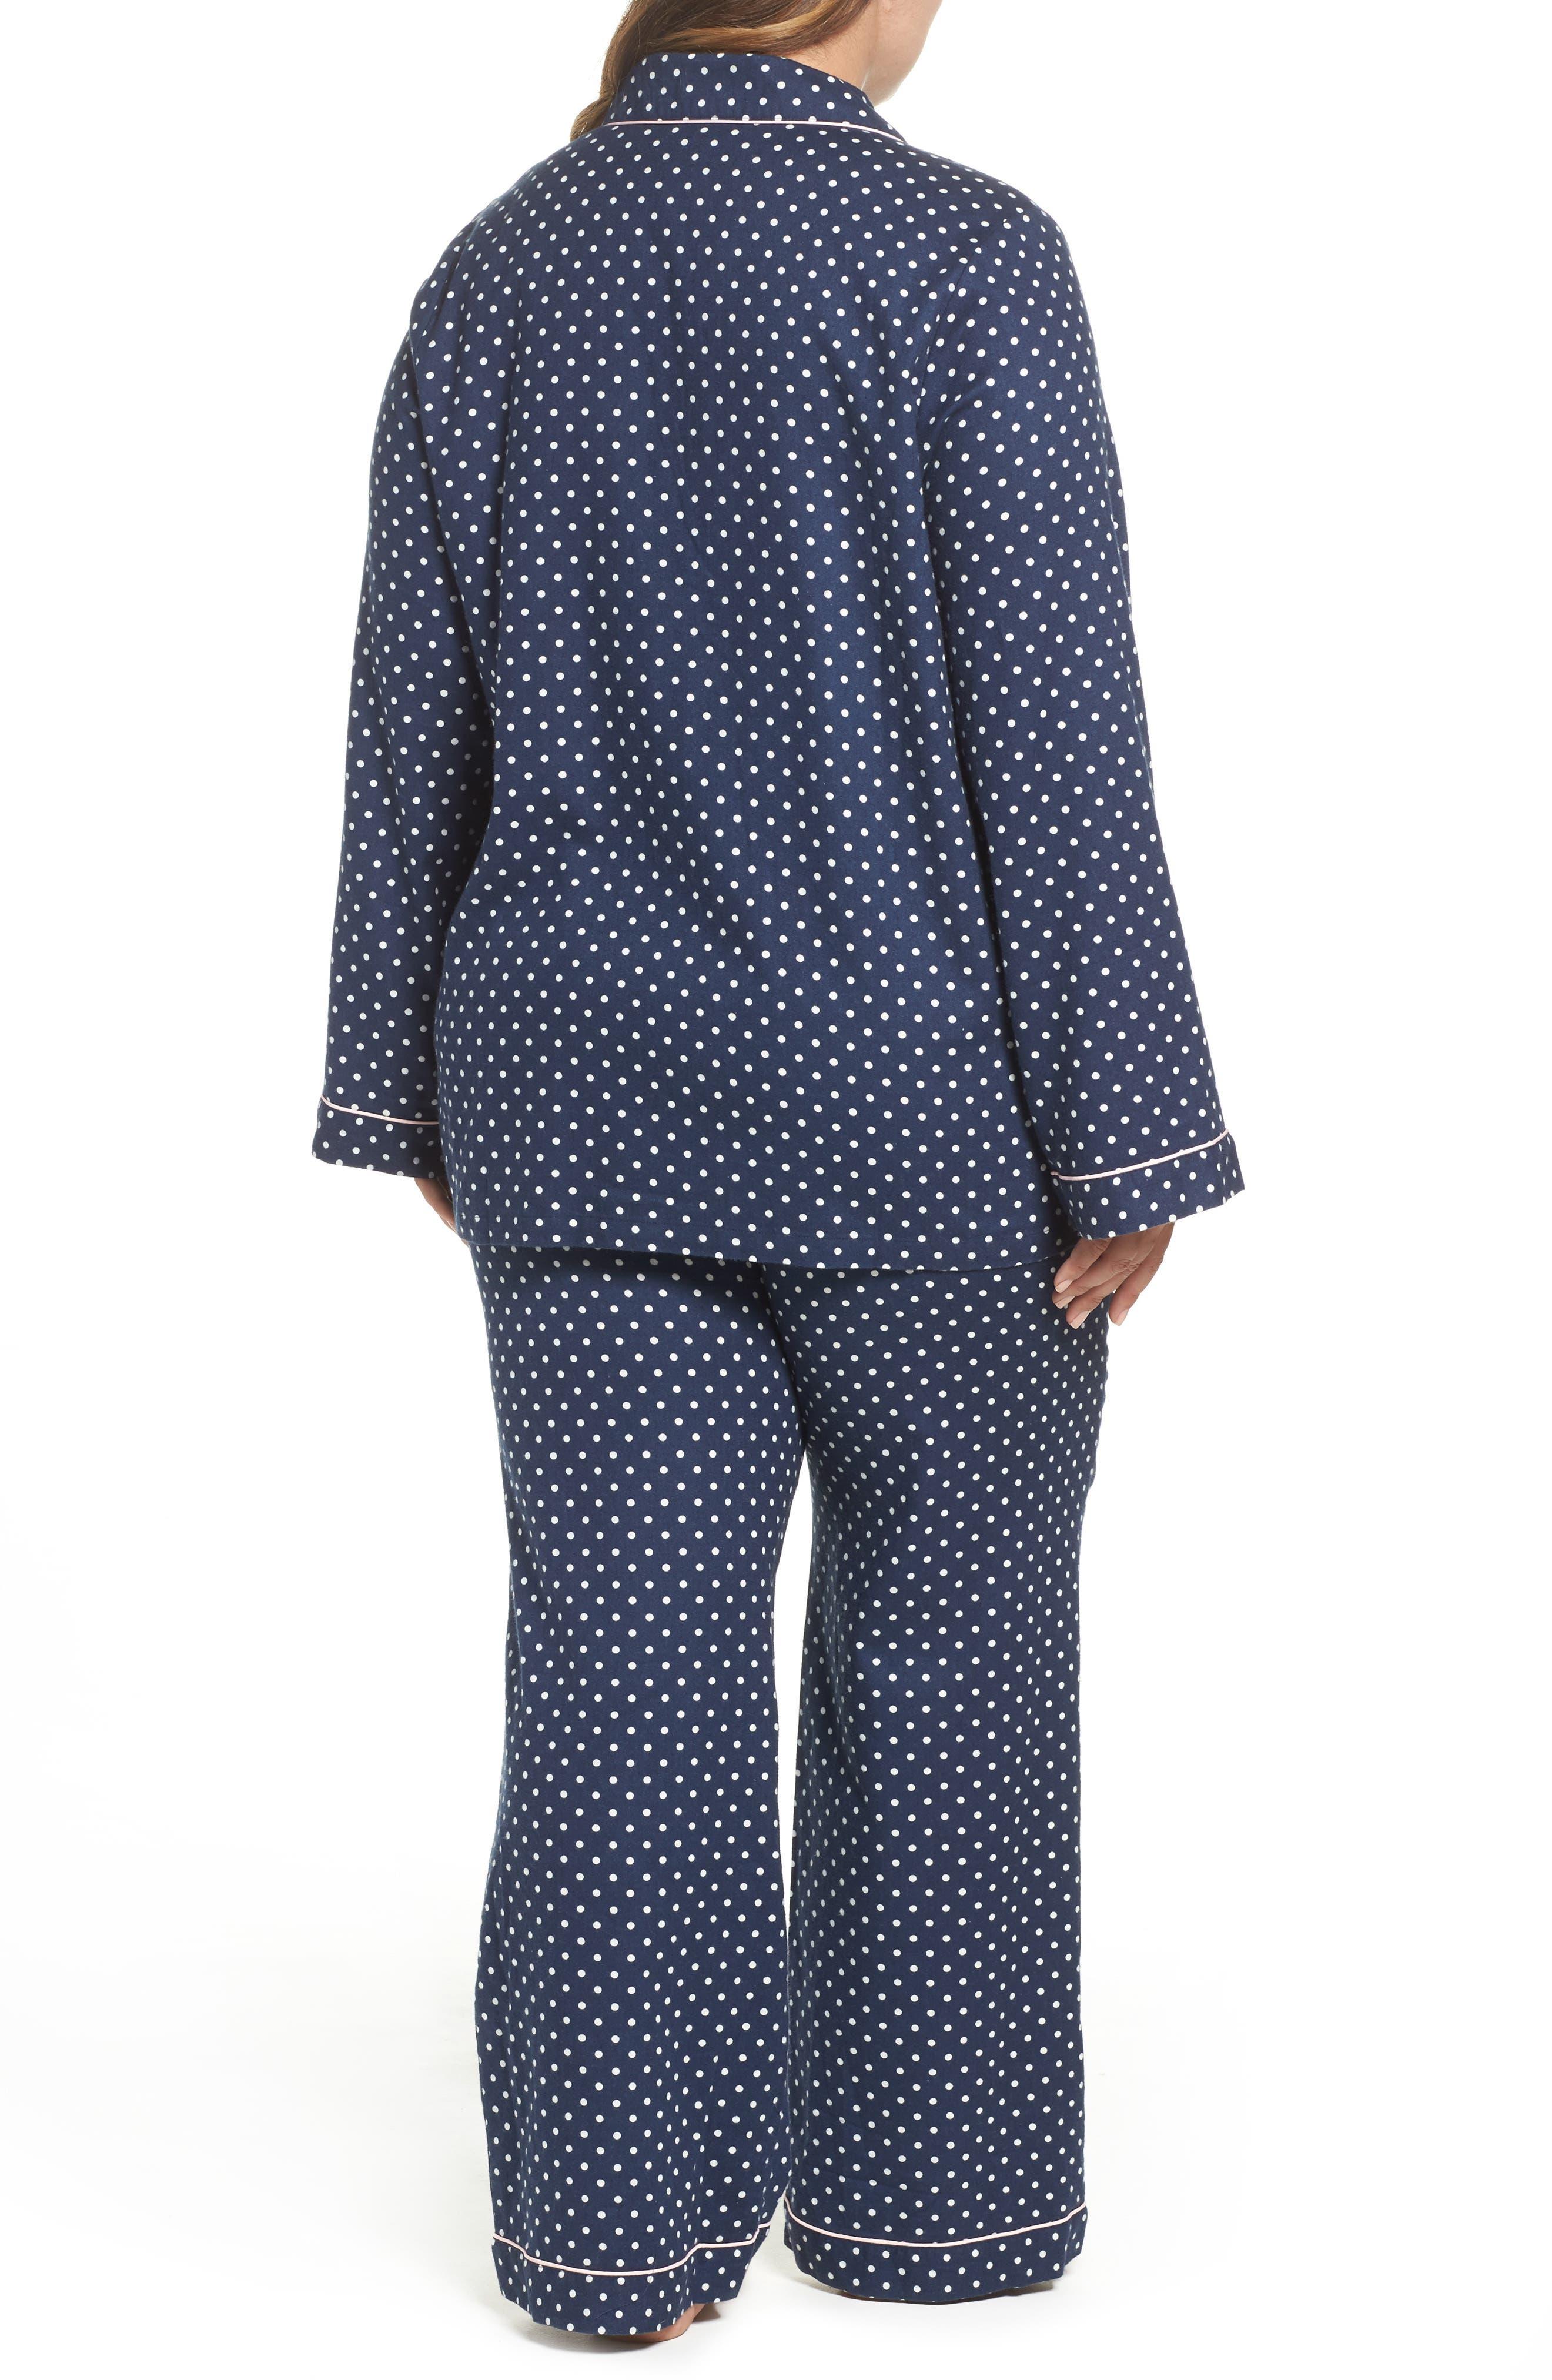 Cotton Twill Pajamas,                             Alternate thumbnail 2, color,                             Navy Peacoat Flirty Polka